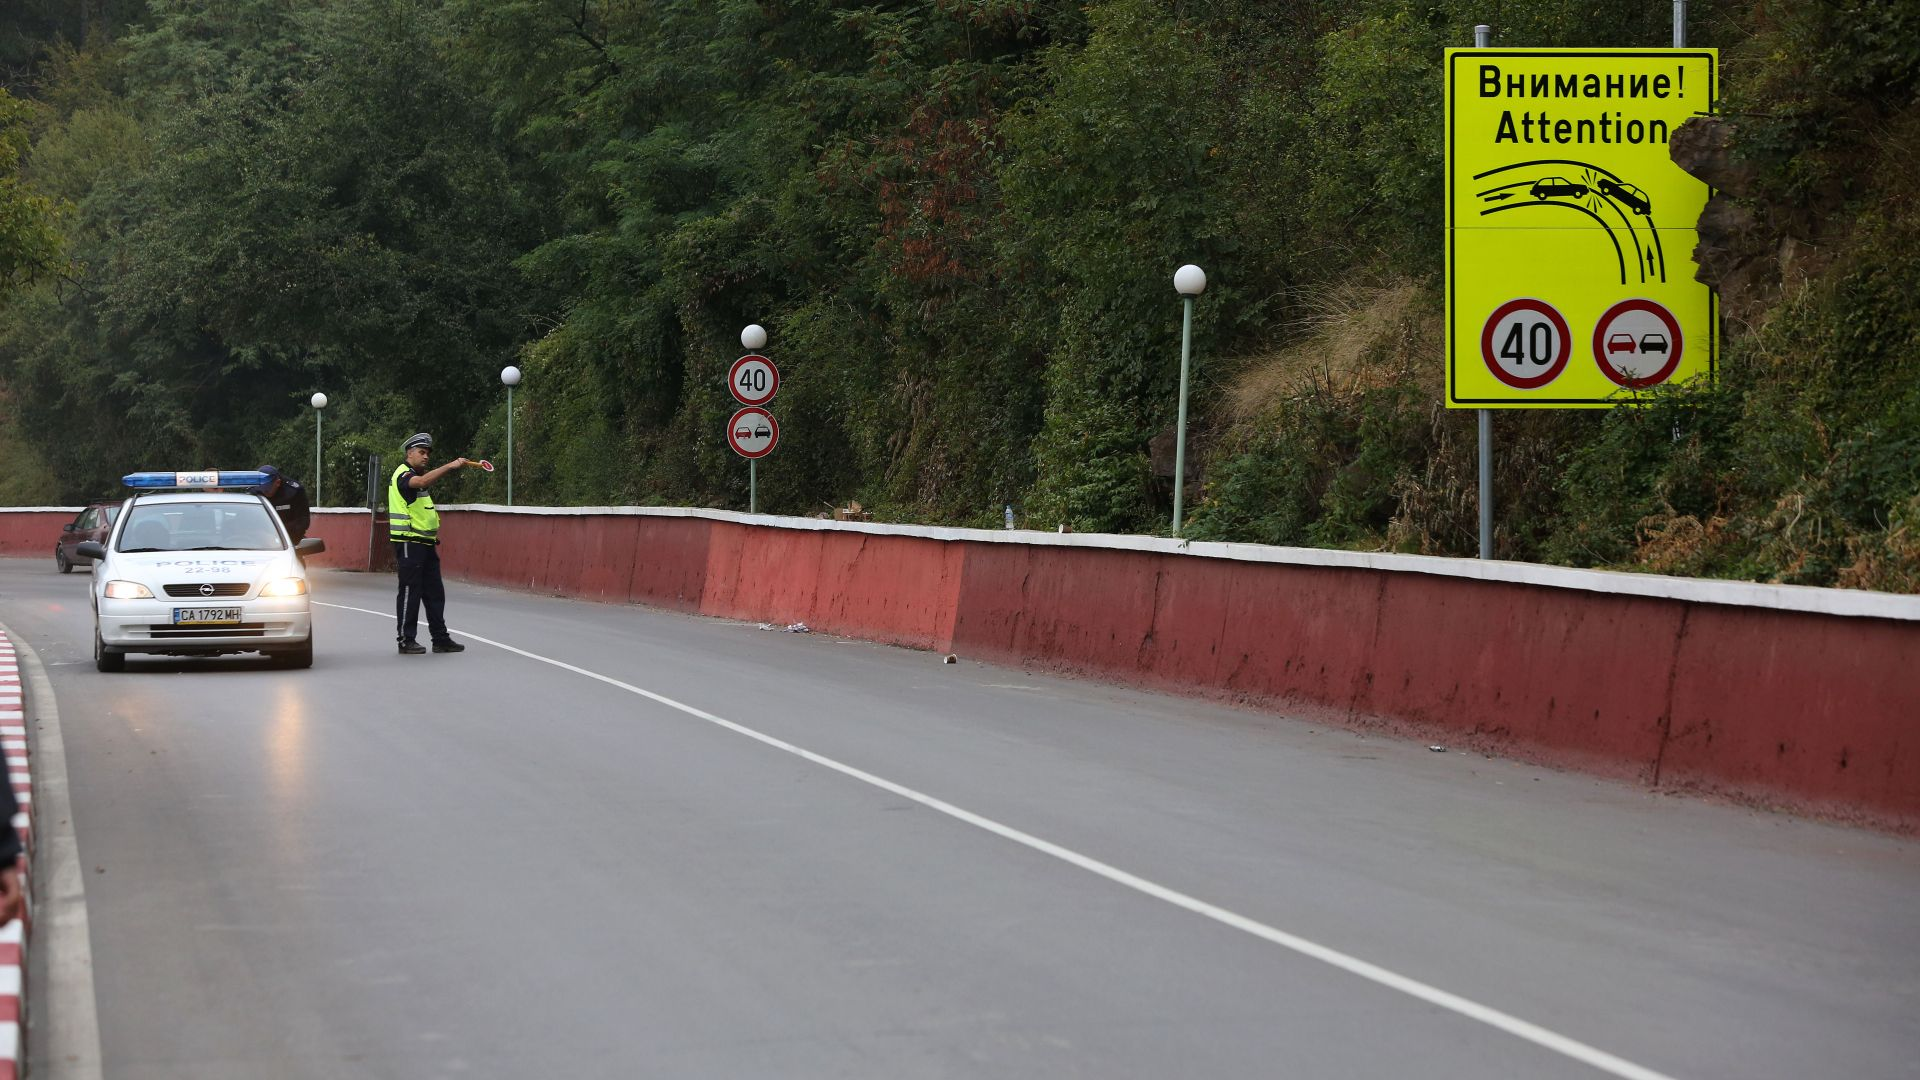 Сцеплението на асфалта на фаталното място край Своге било два пъти по-малко